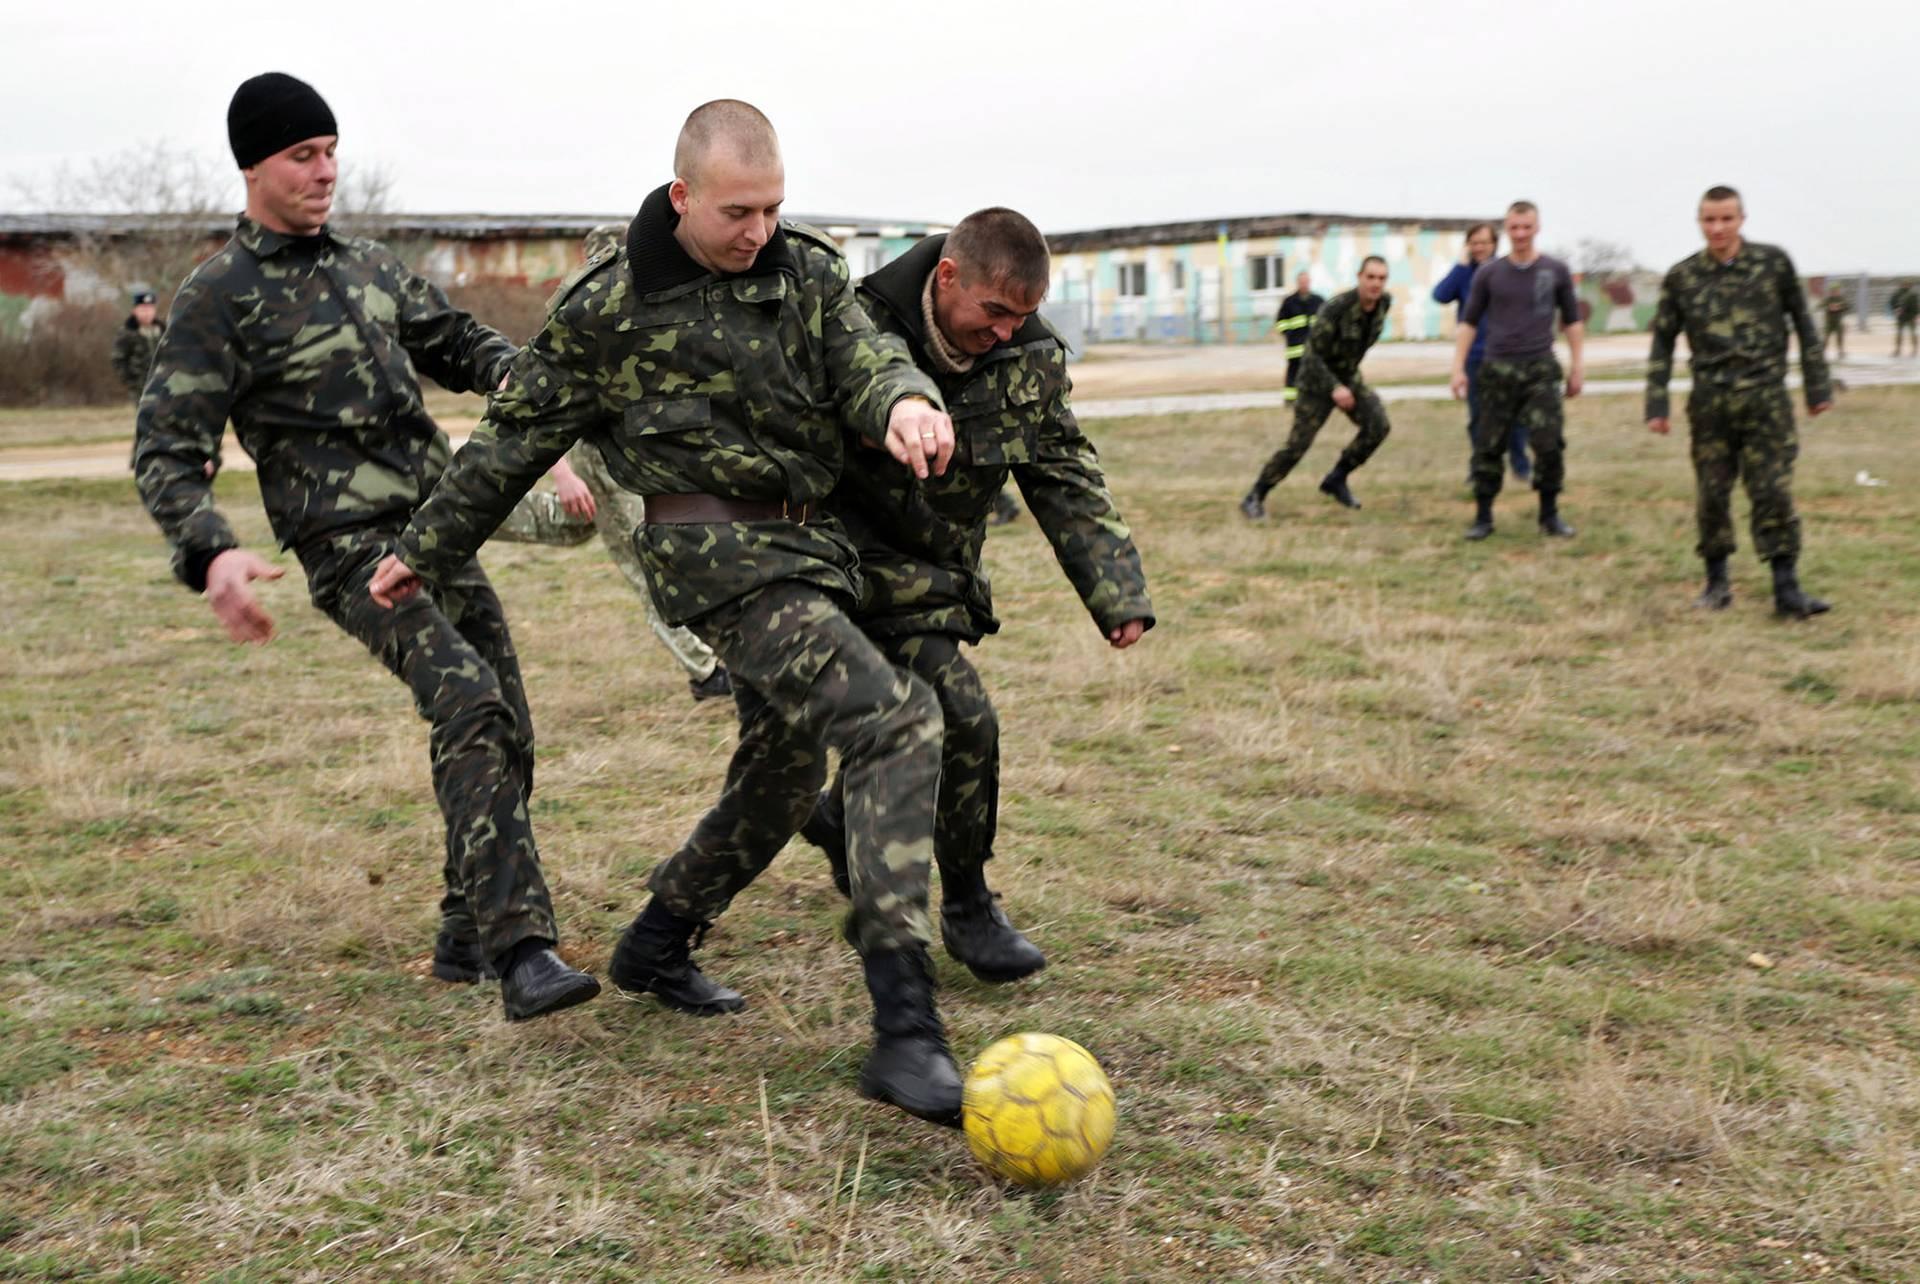 Військові грають у футбол на території військової частини у Бельбеку, оточеної із усіх боків росіянами, Крим, 4 березня 2014 року